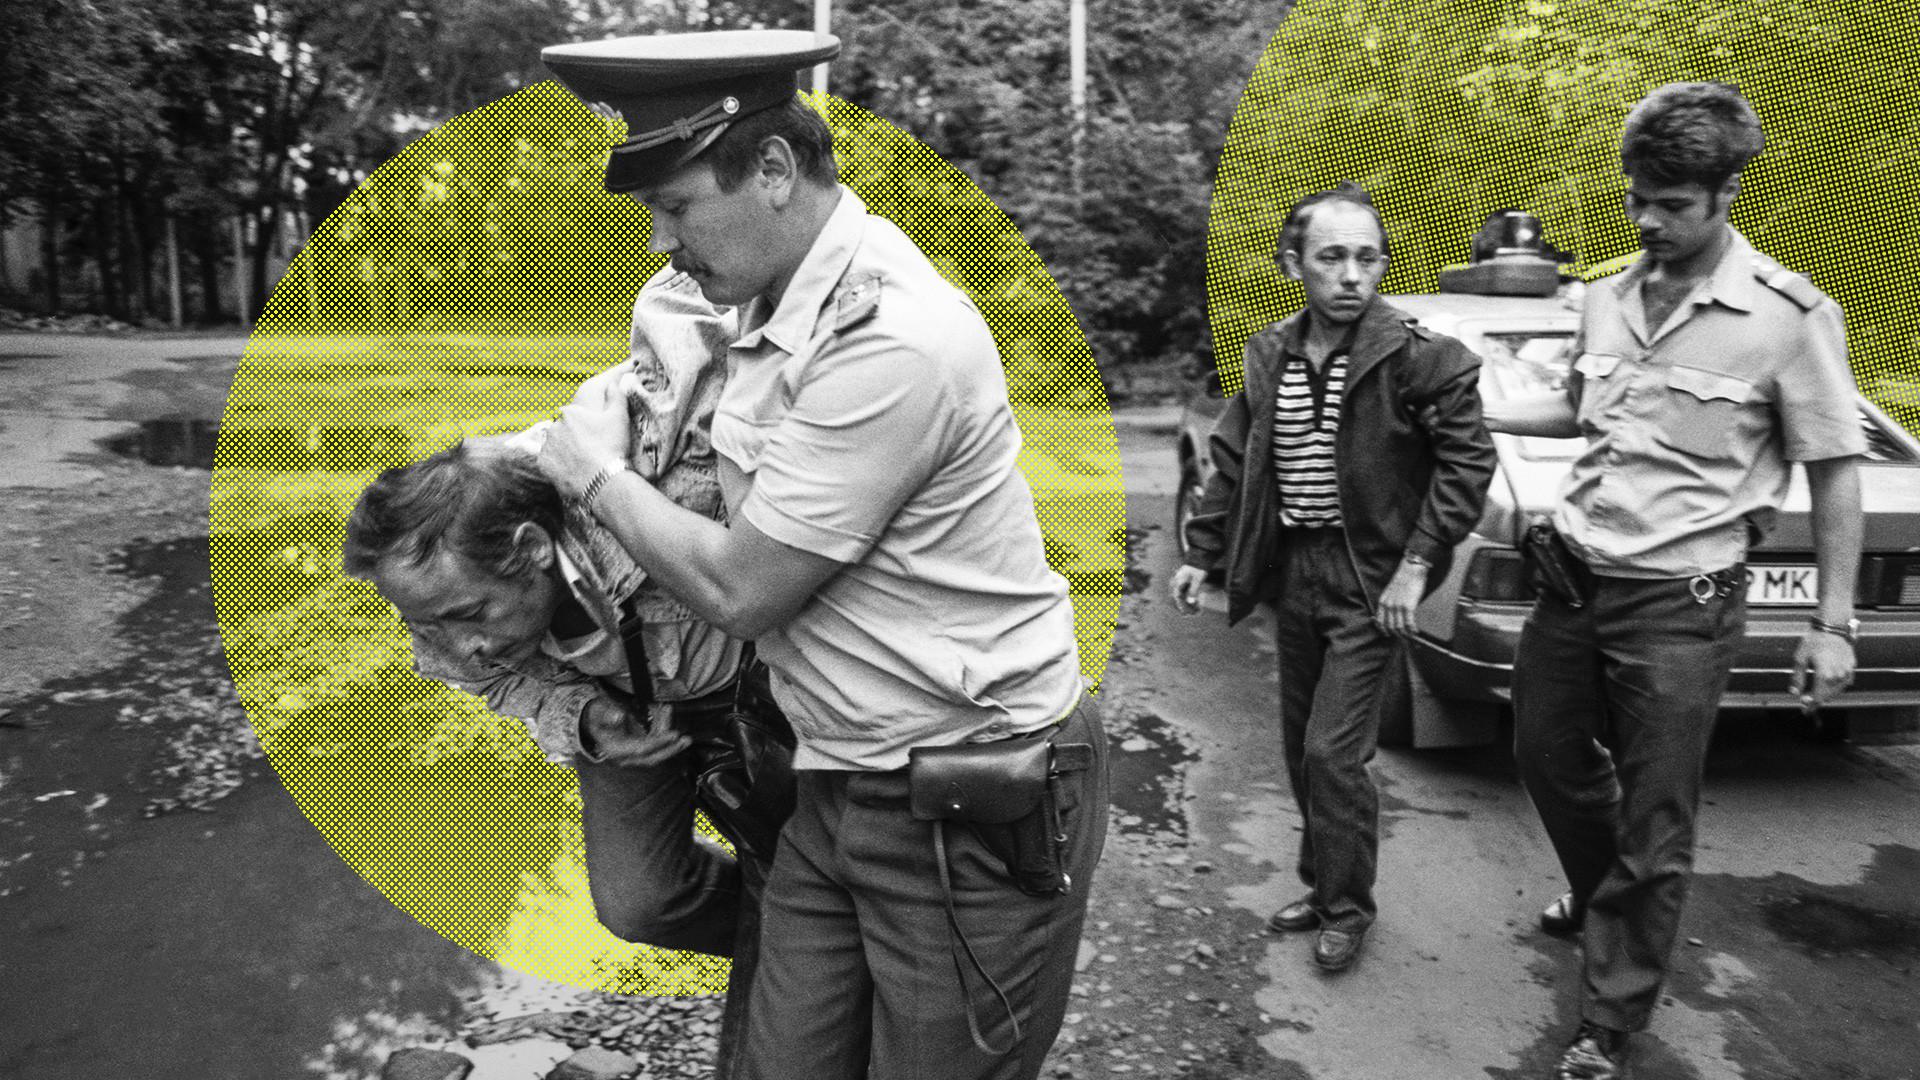 Moskva, Rusija. 1. avgusta, 1993. Zadržanega peljejo v treznilnico.